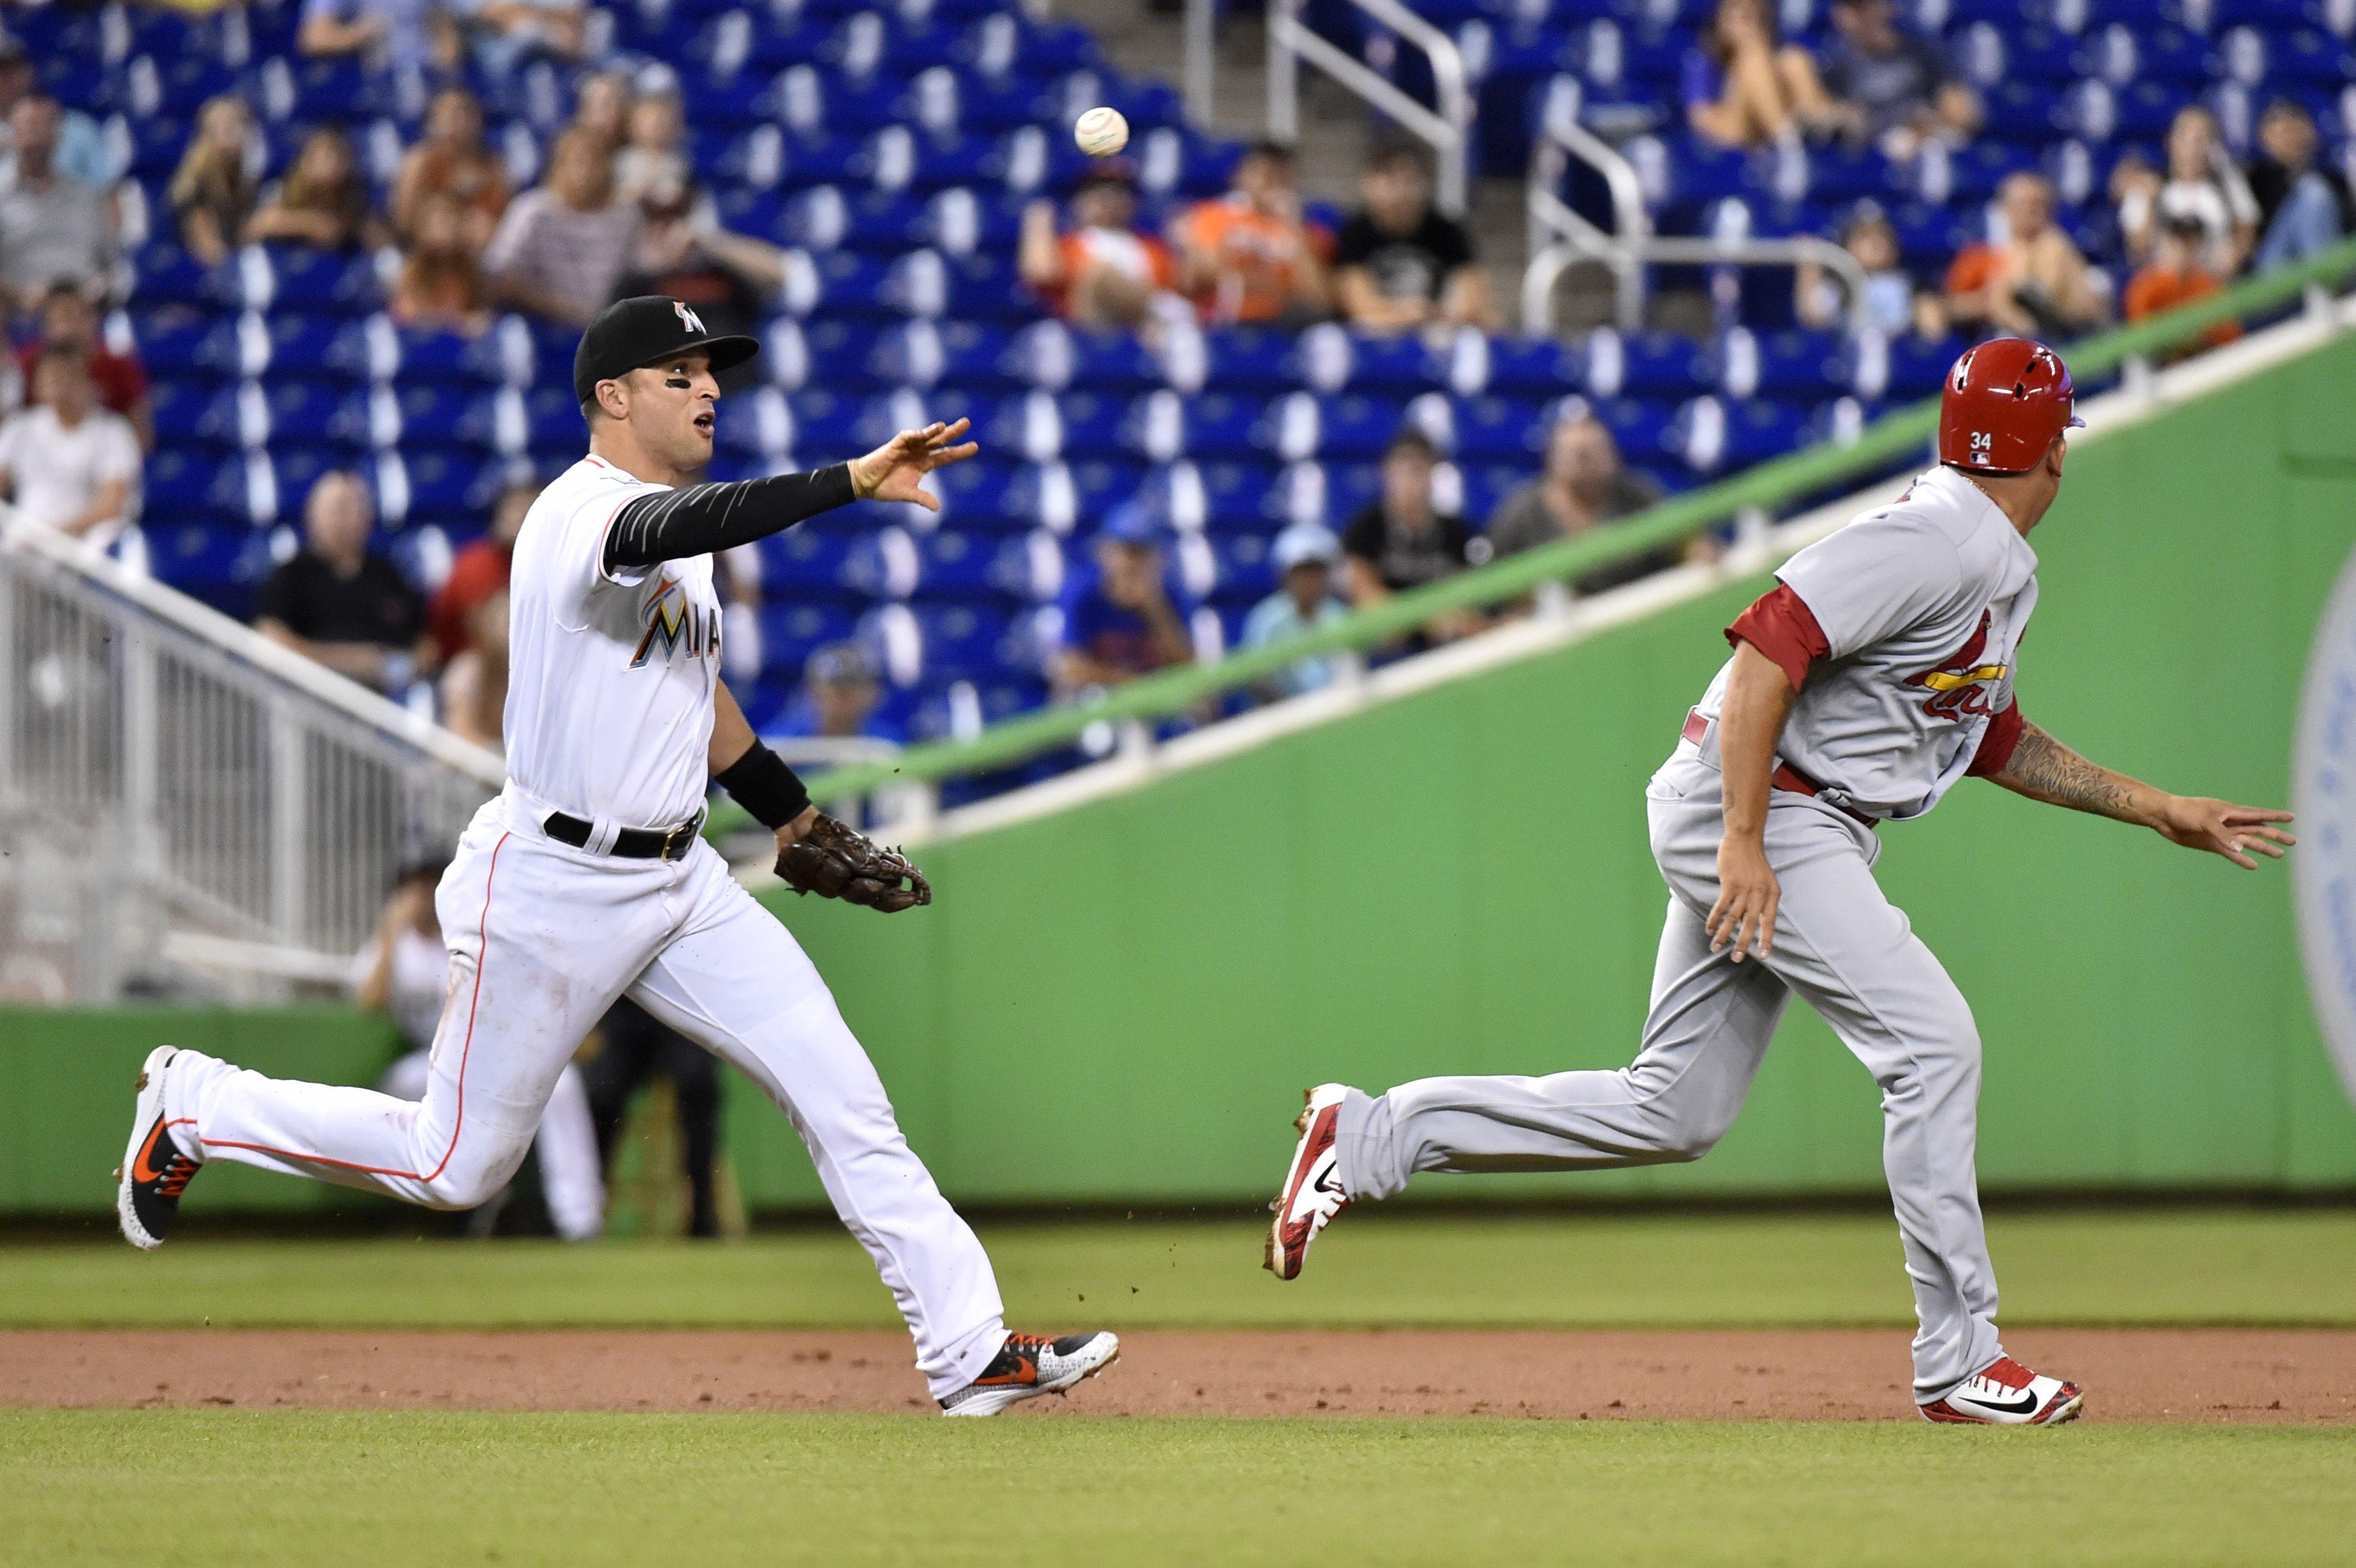 Бейзболната легенда Дерек Джитър направи равносметка на постигнатото в Маями